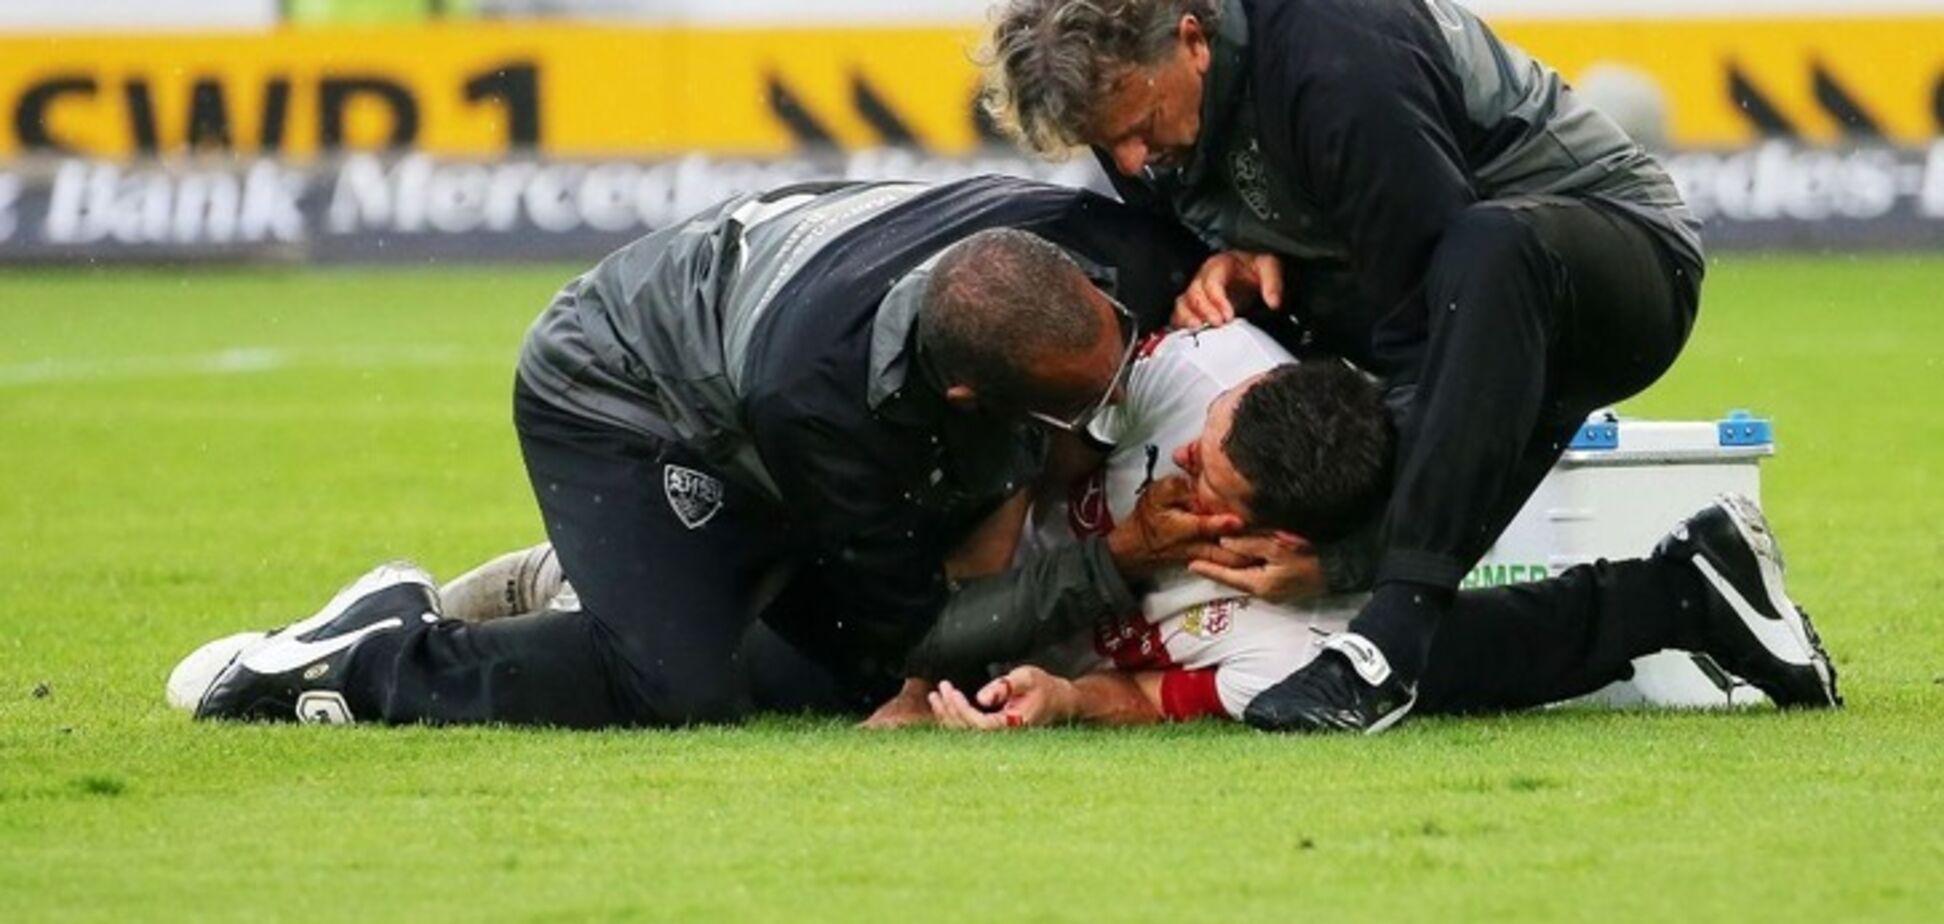 На матчі чемпіонату Німеччини сталася смертельна трагедія